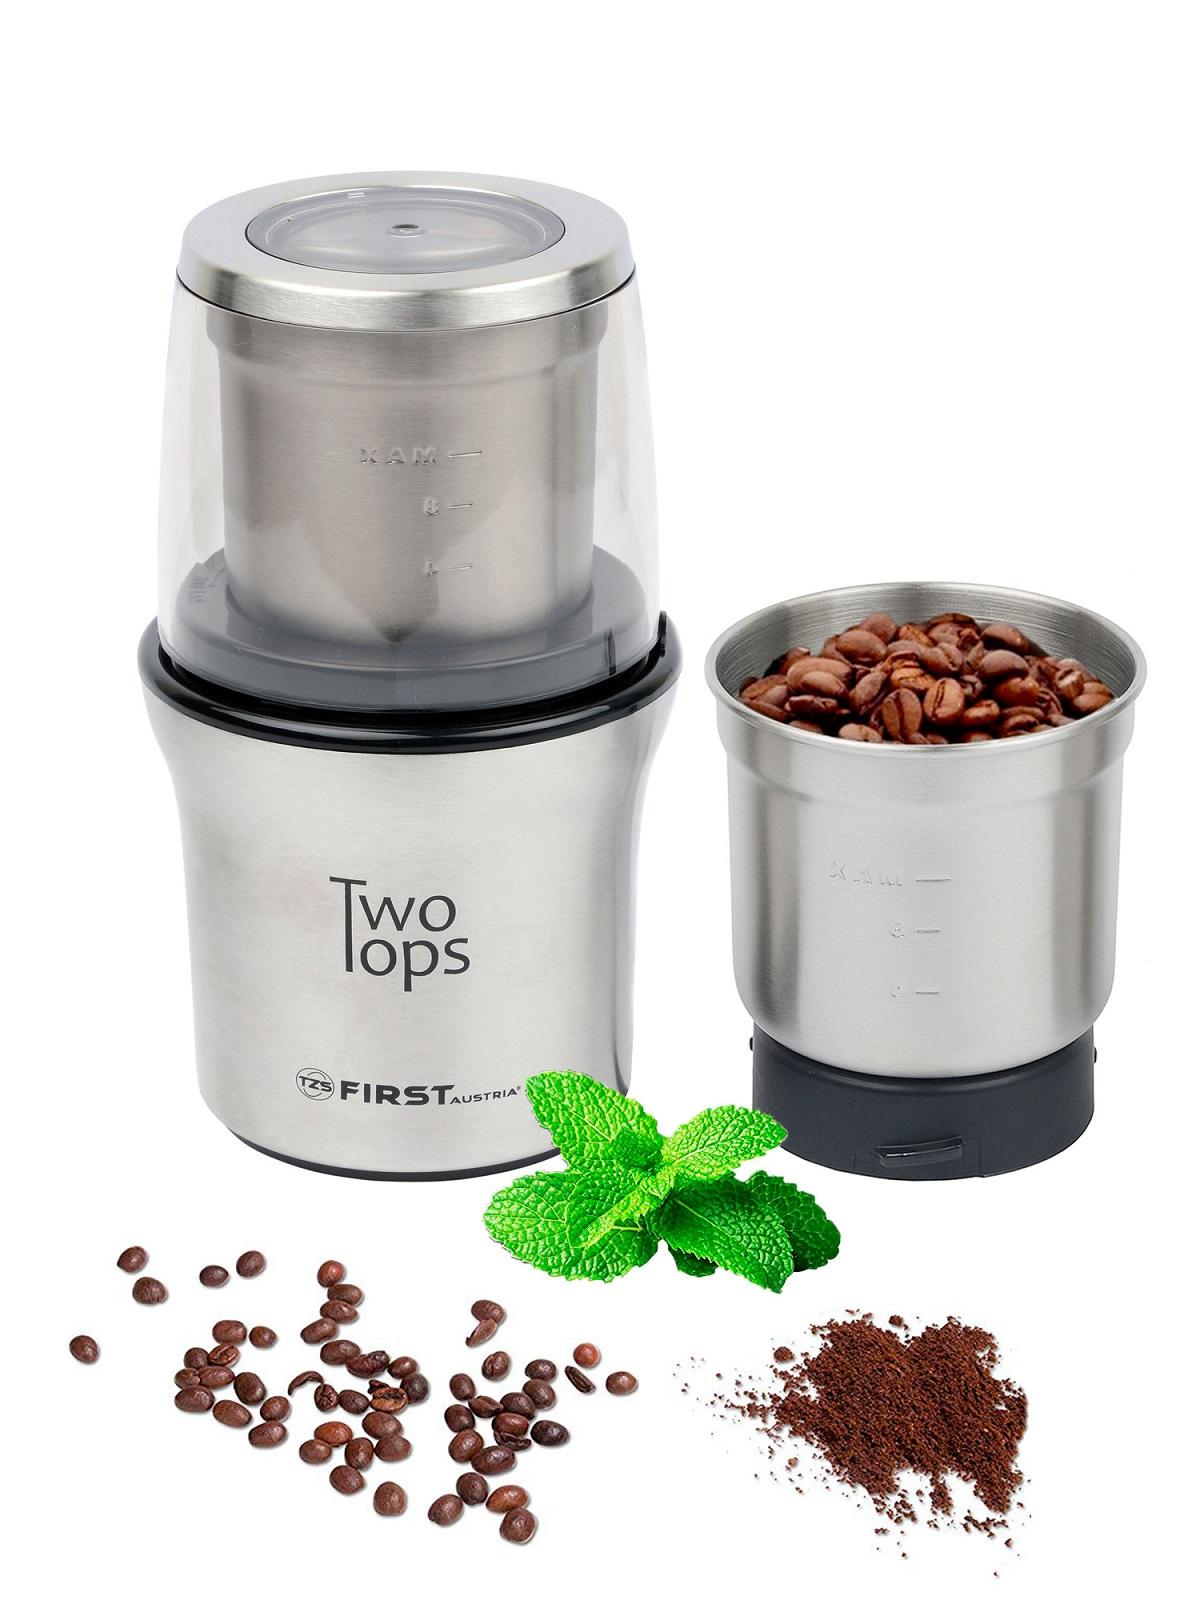 Кофемолка чоппер First, 70 гр. 200 Вт.